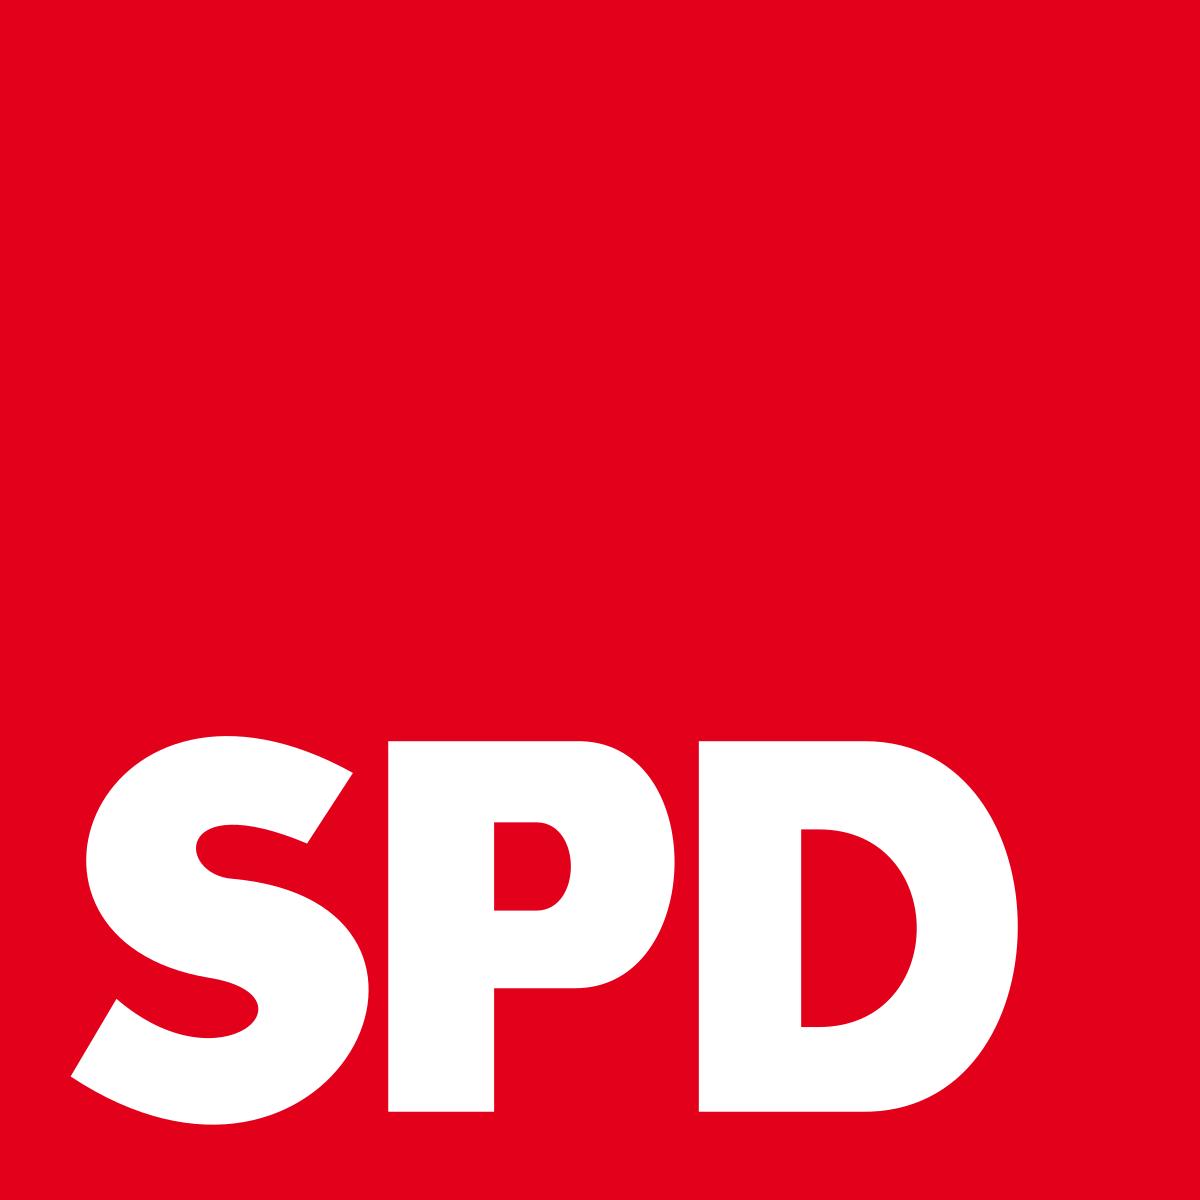 ドイツ社会民主党 - Wikipedia